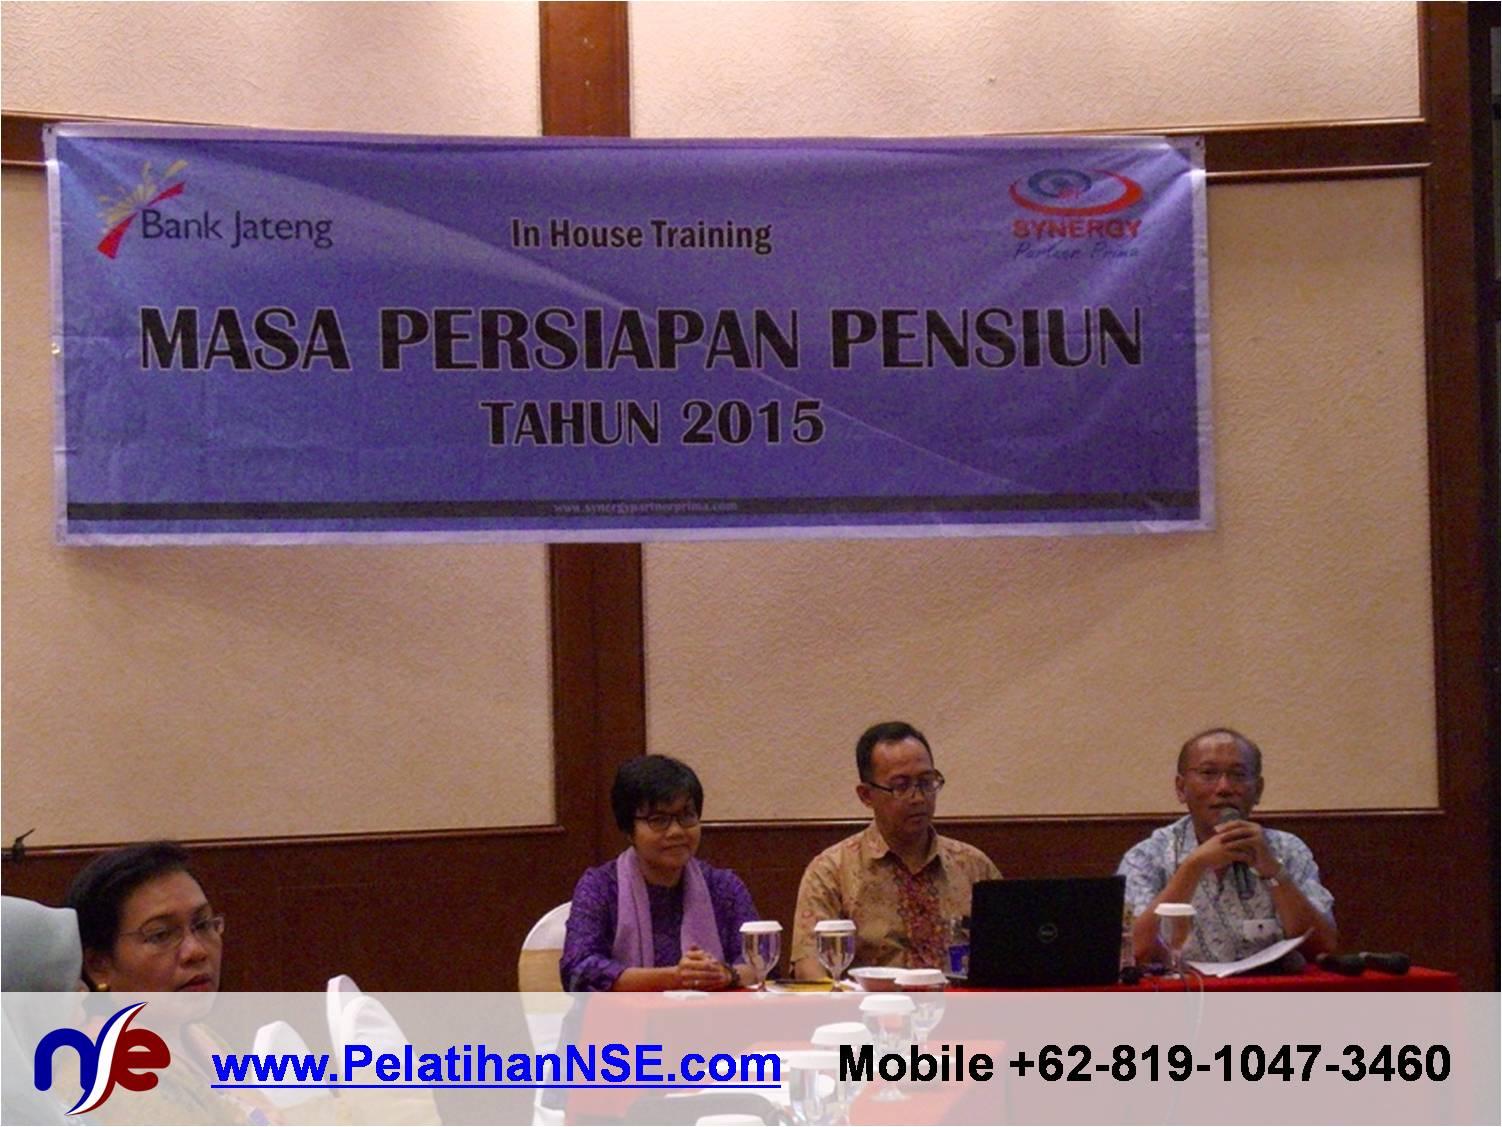 Retiree Empowerment - Bank Jateng - Pembukaan oleh Bagian Diklat